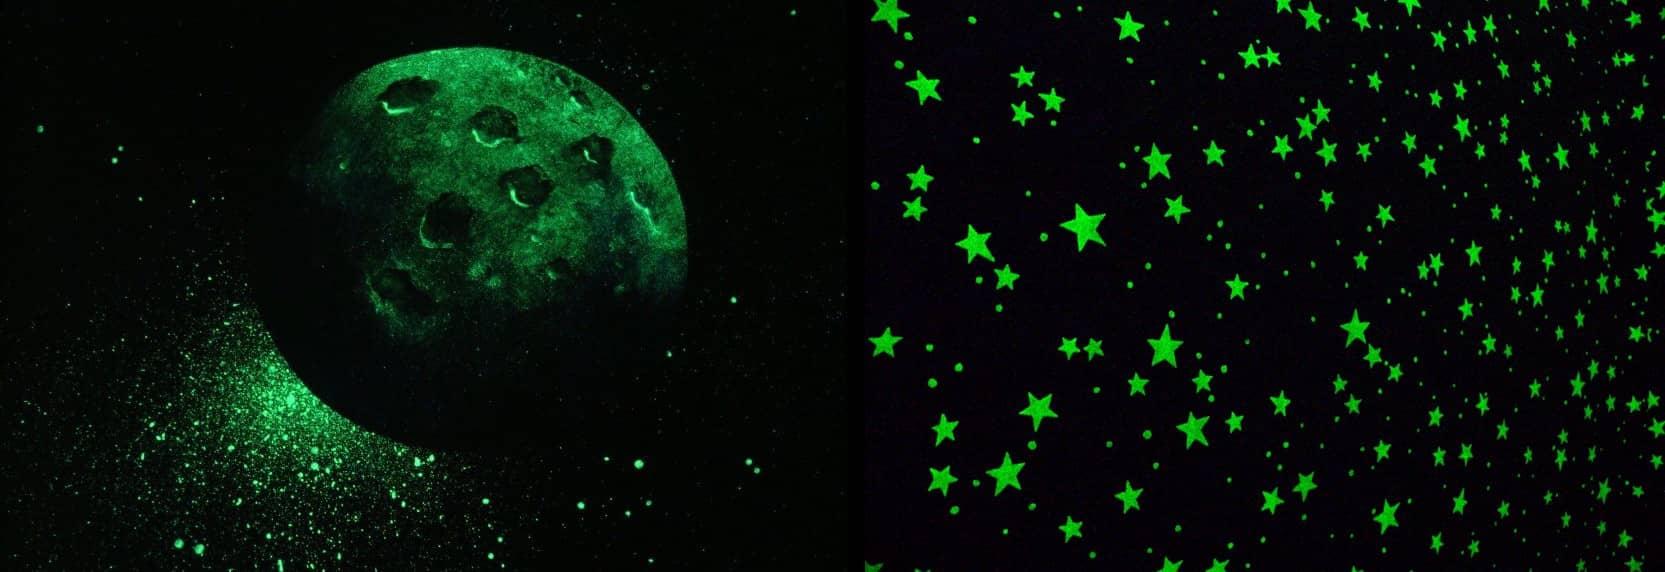 Светящееся звездное небо в интерьере